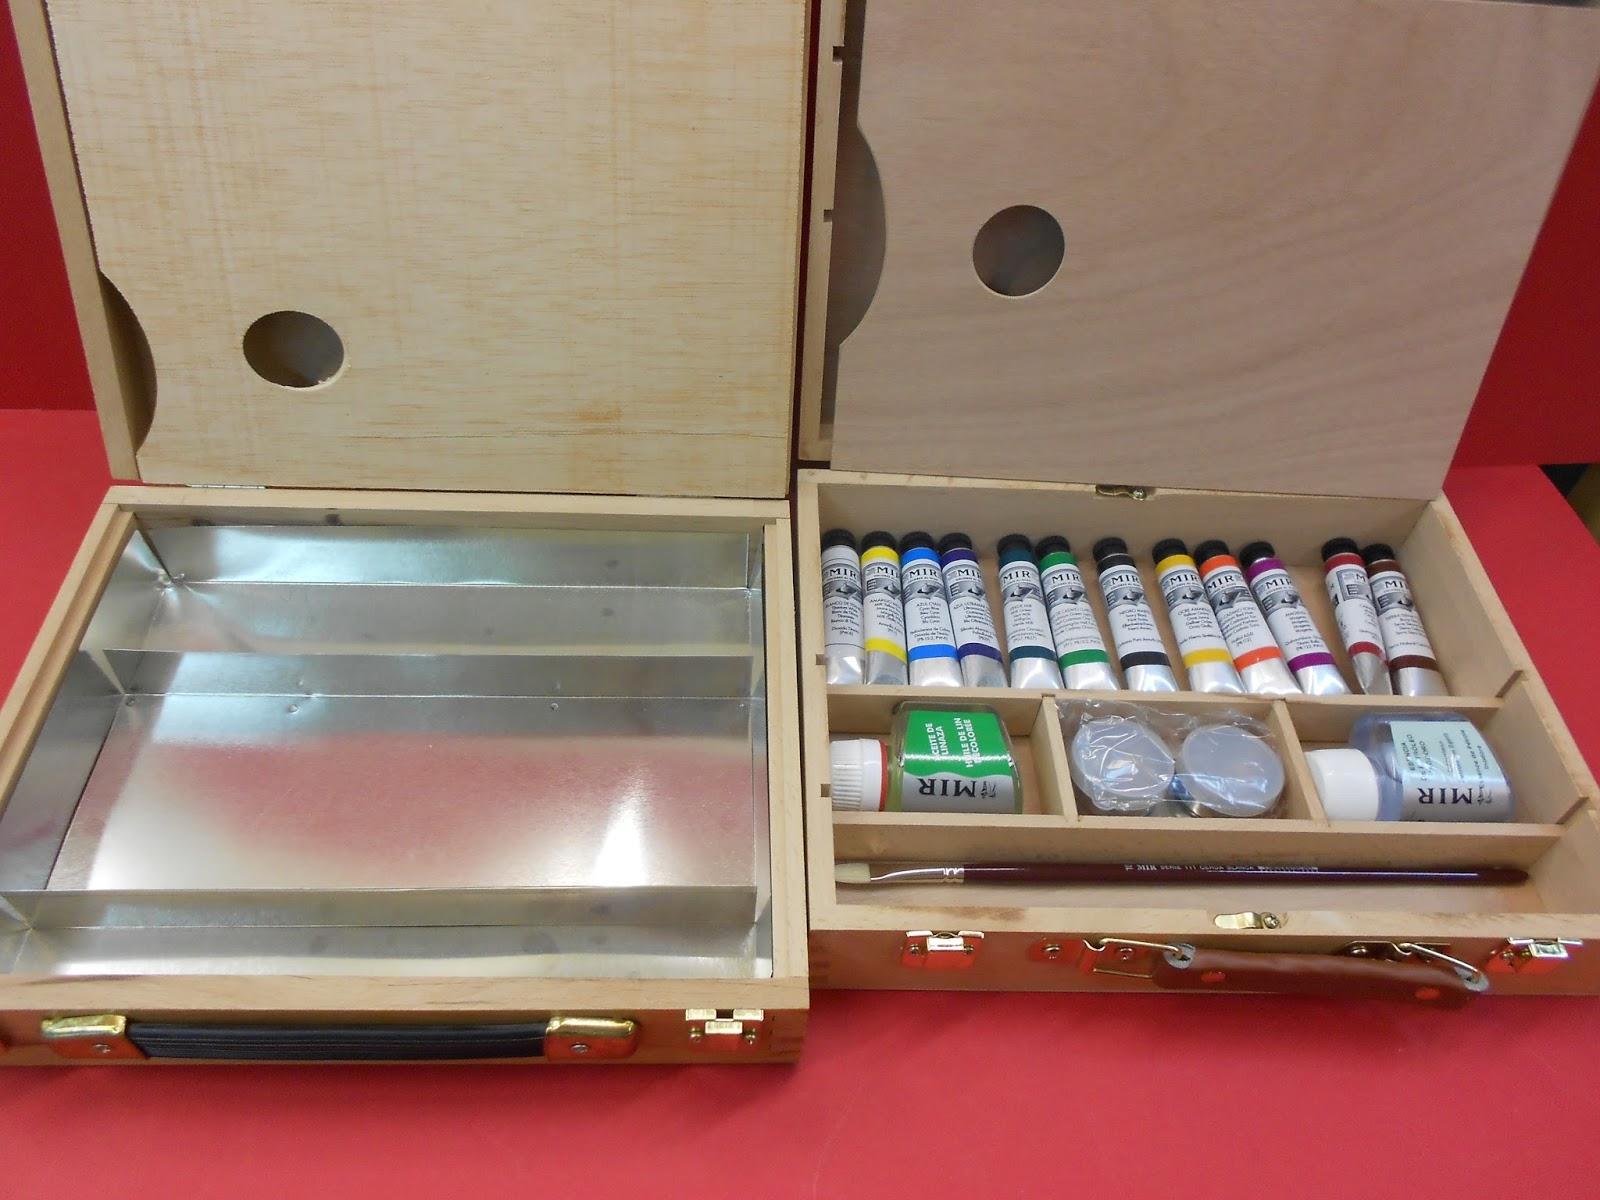 Manualidades y bellas artes zig zag avda arag n 13 alca iz - Manualidades pintar caja metal ...